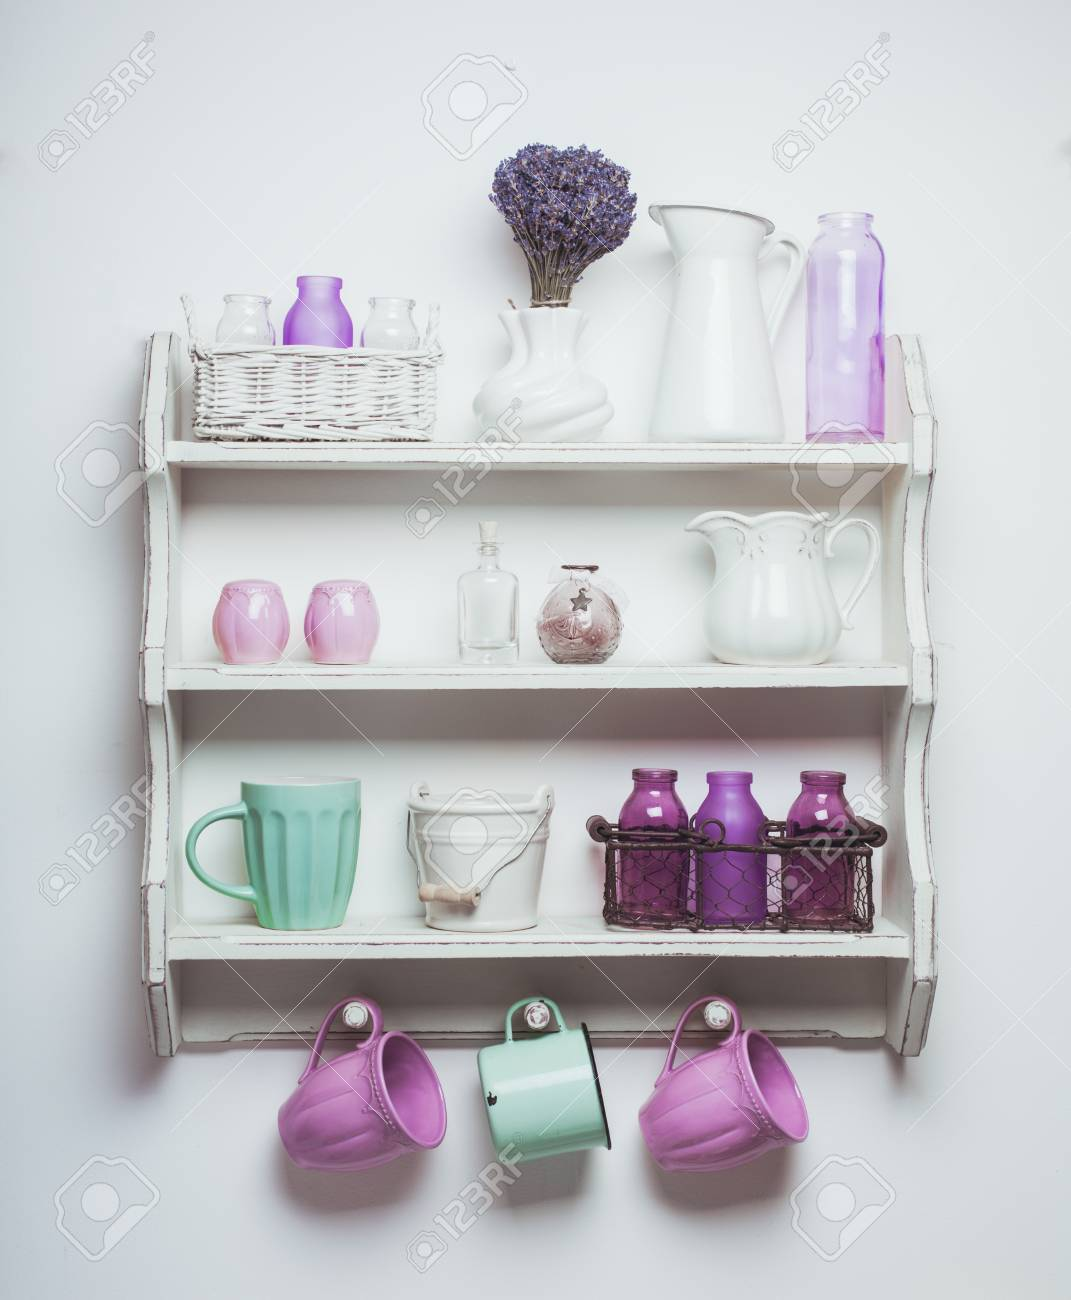 Vintage Regal In Der Kuche Schabiges Chic Stil Mit Lavendel Lizenzfreie Fotos Bilder Und Stock Fotografie Image 42342800